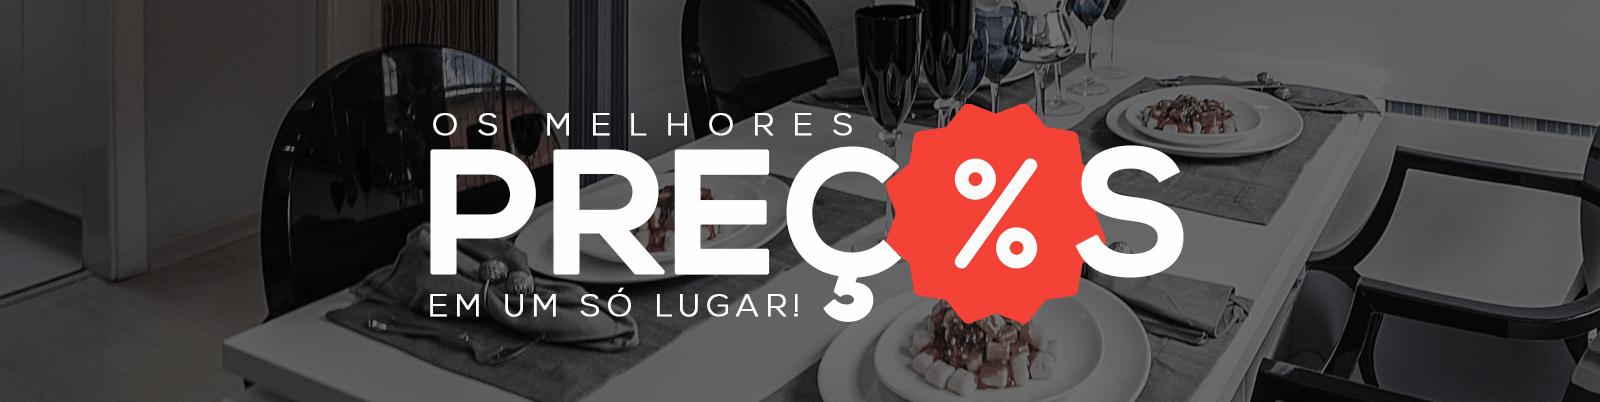 Os melhores preços de Porto Ferreira em um só lugar